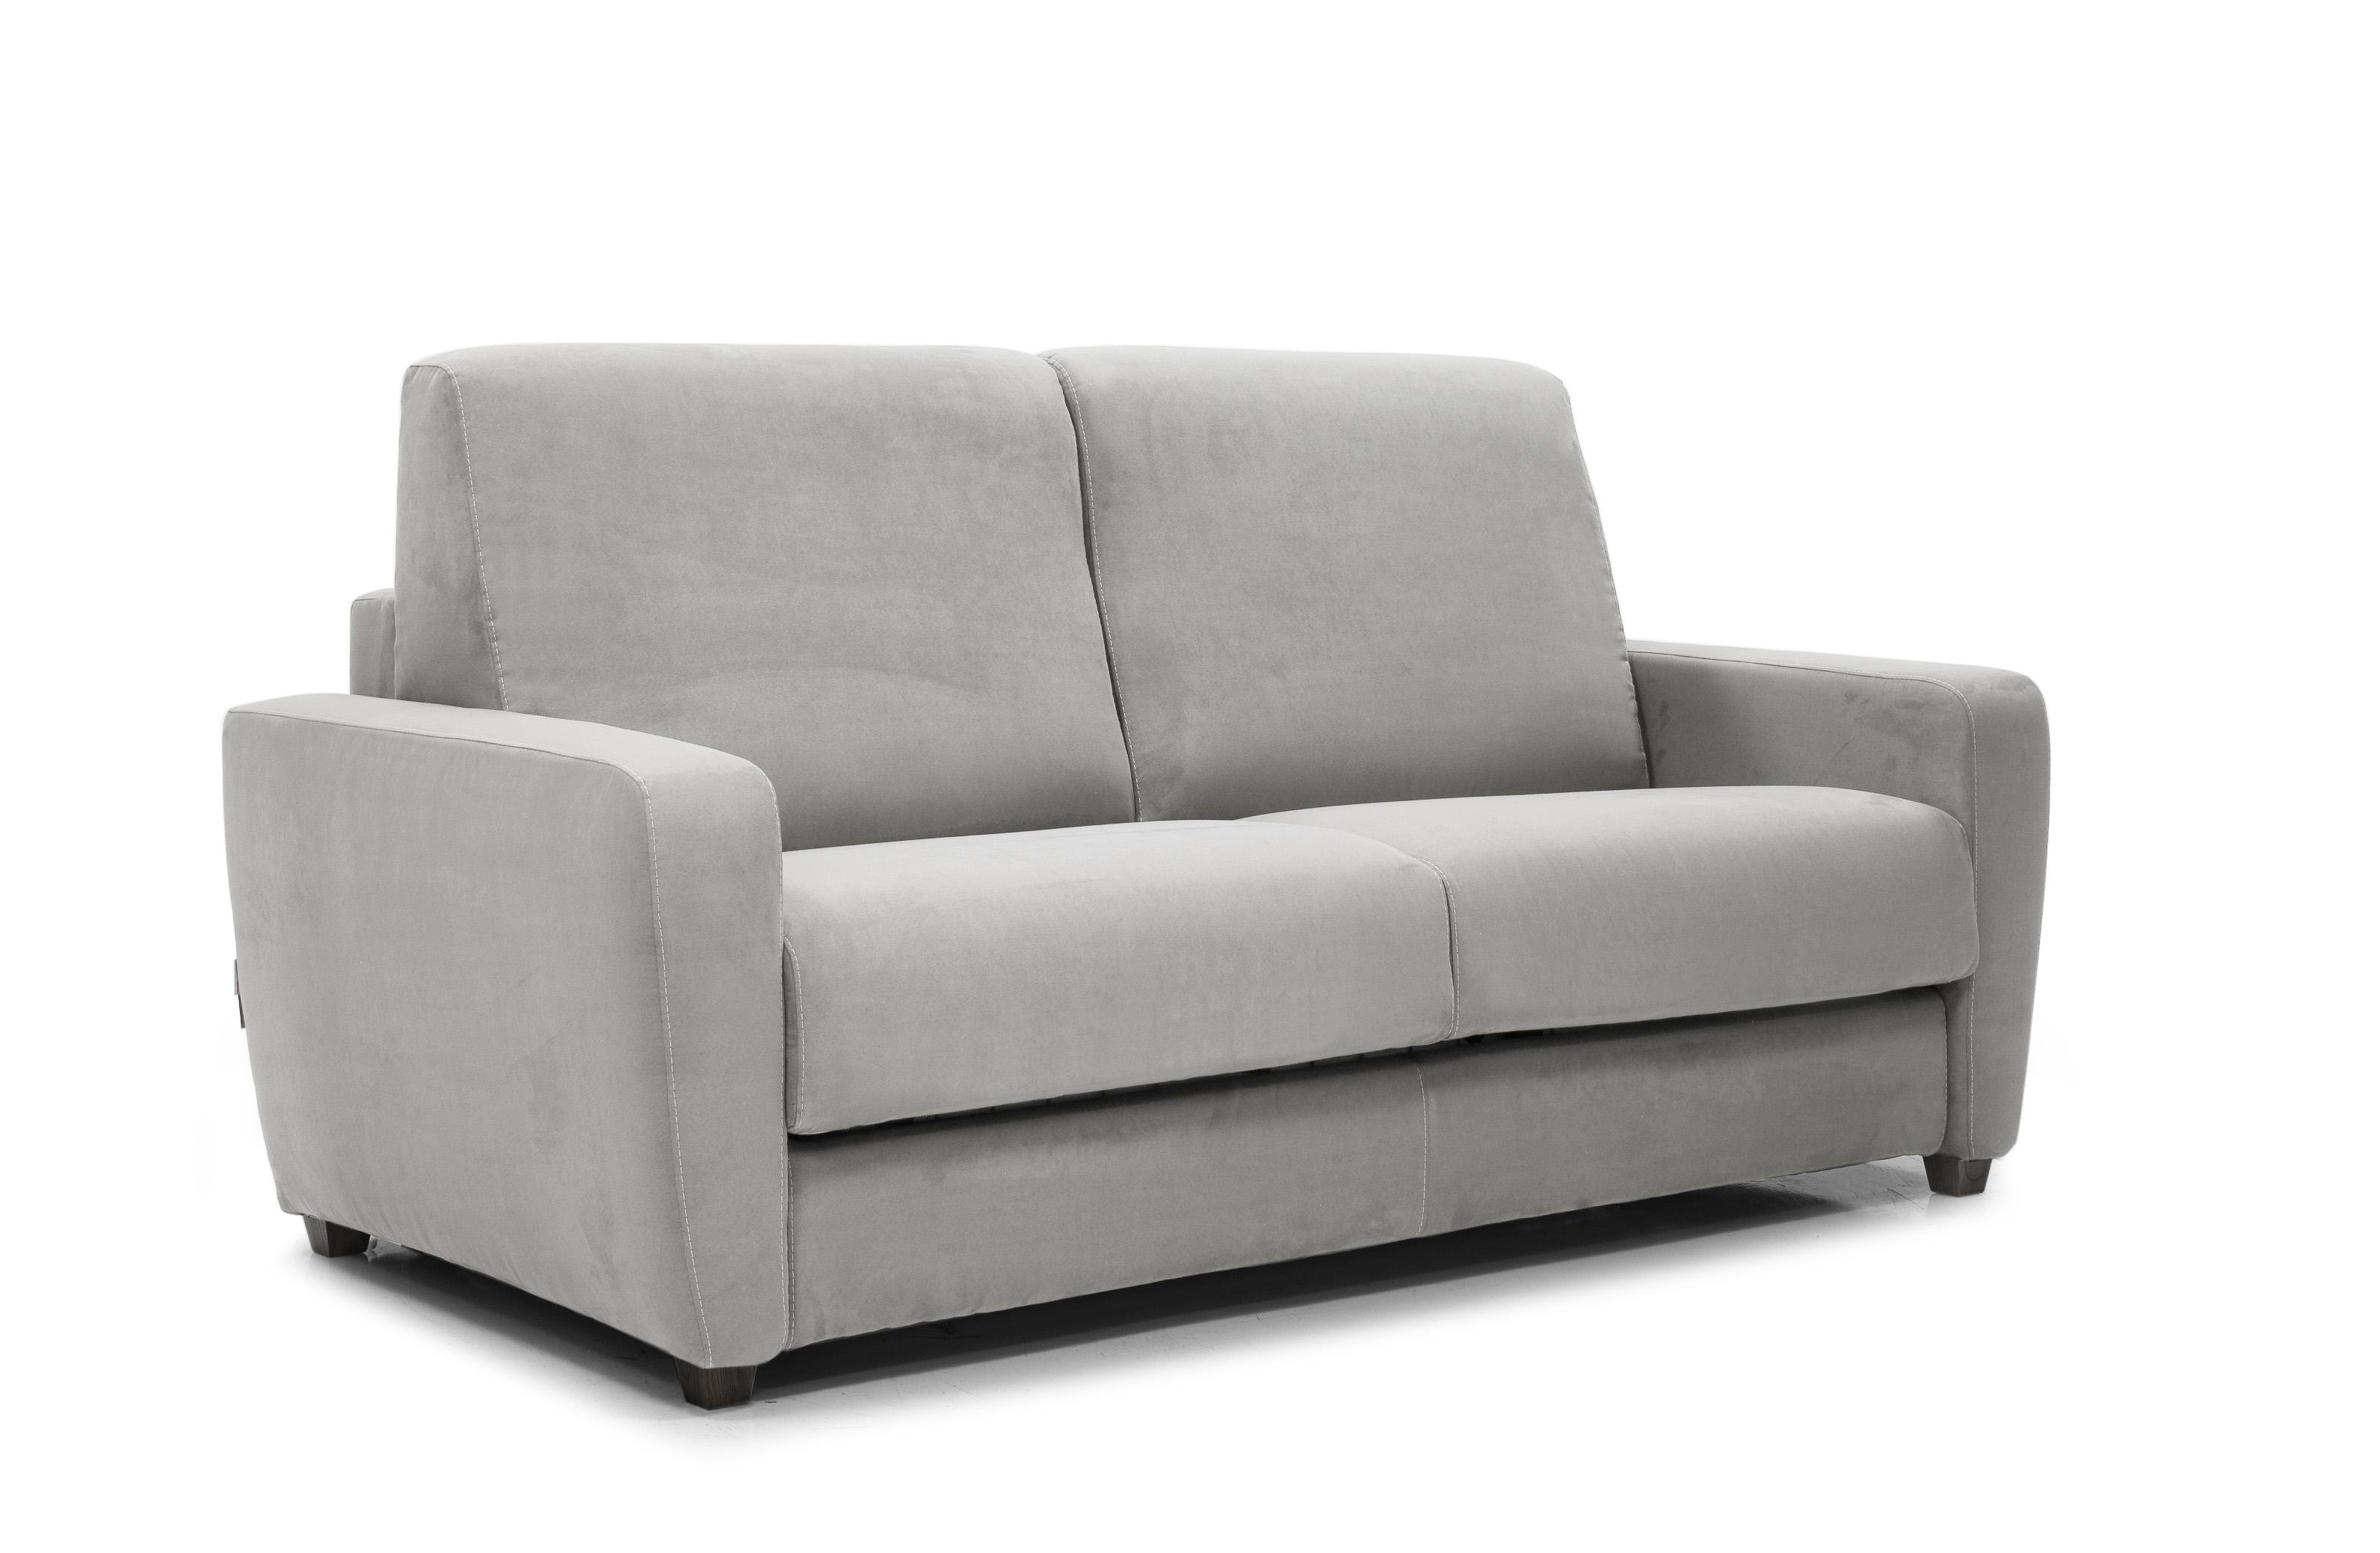 Divano letto u czeusu d posti divano artigianale italiano